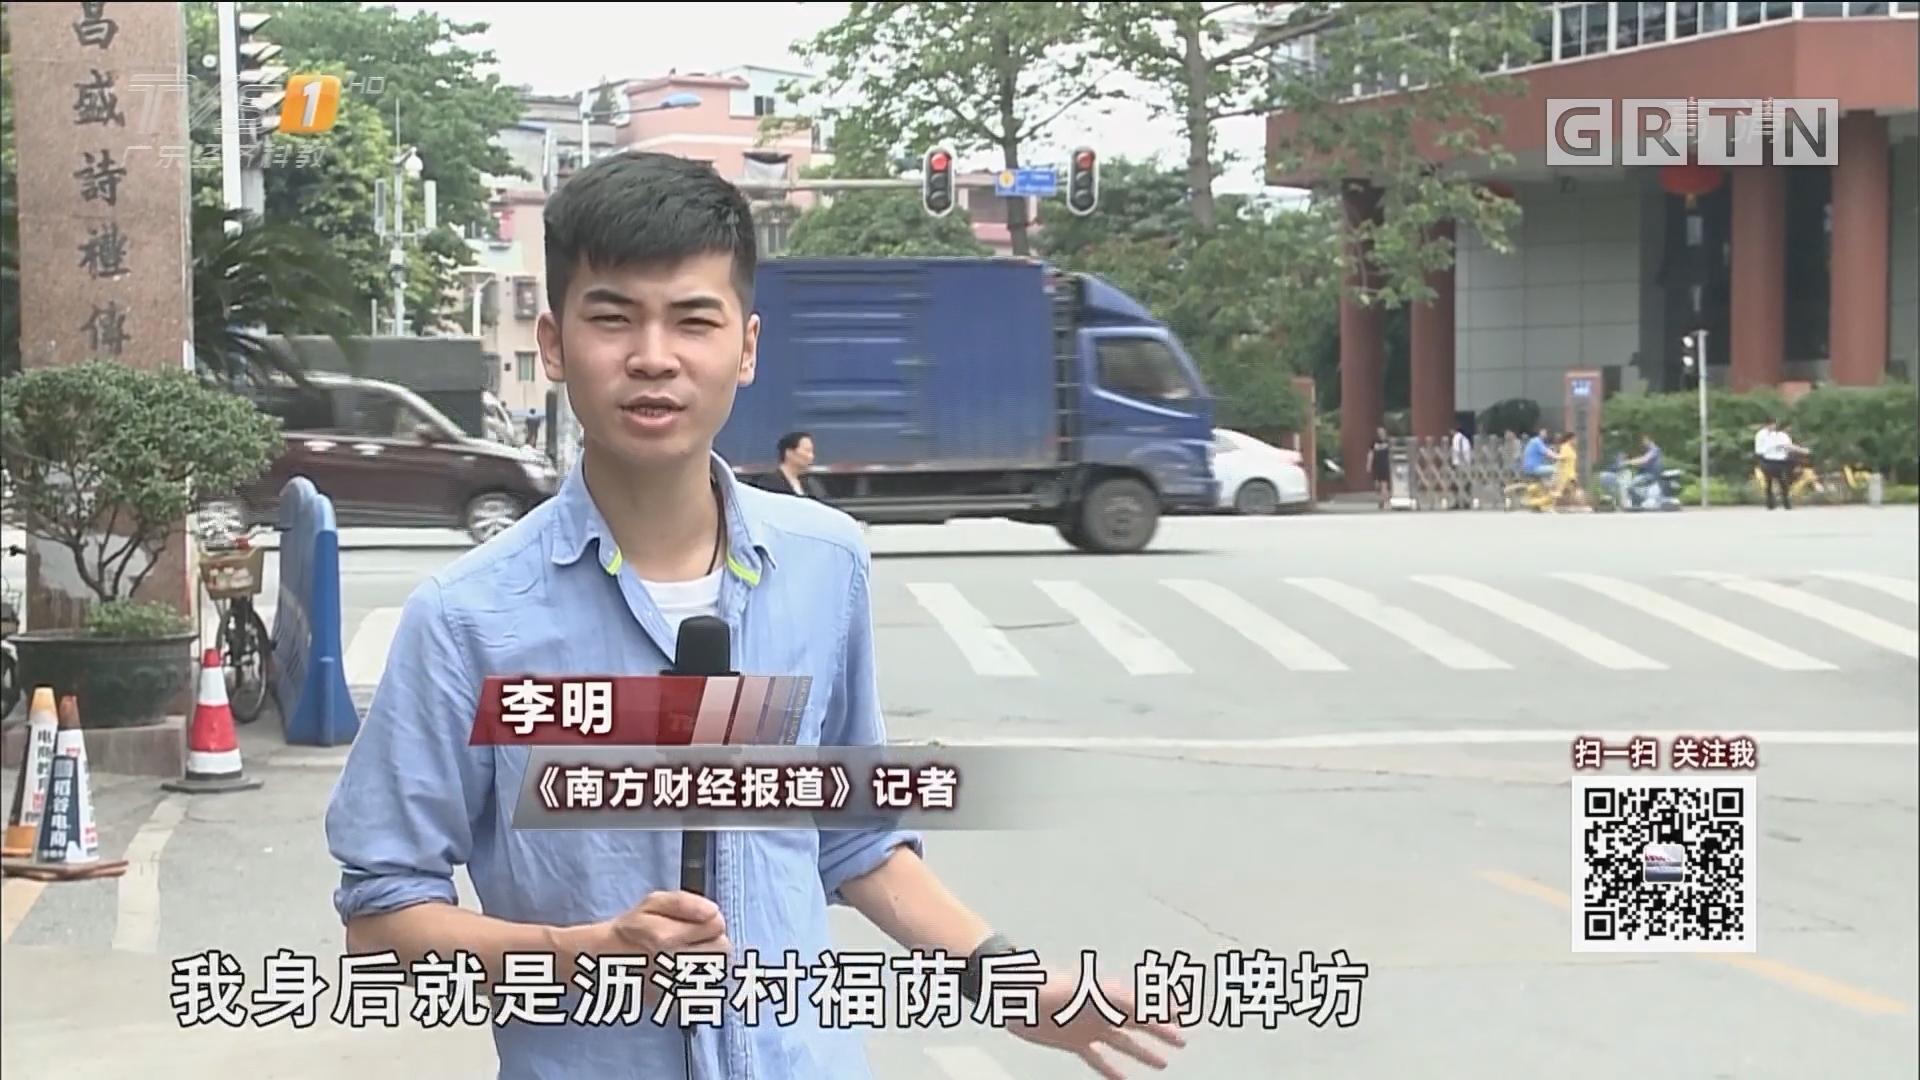 发钱啦!广州一开发商向沥滘村民派发千万奖金